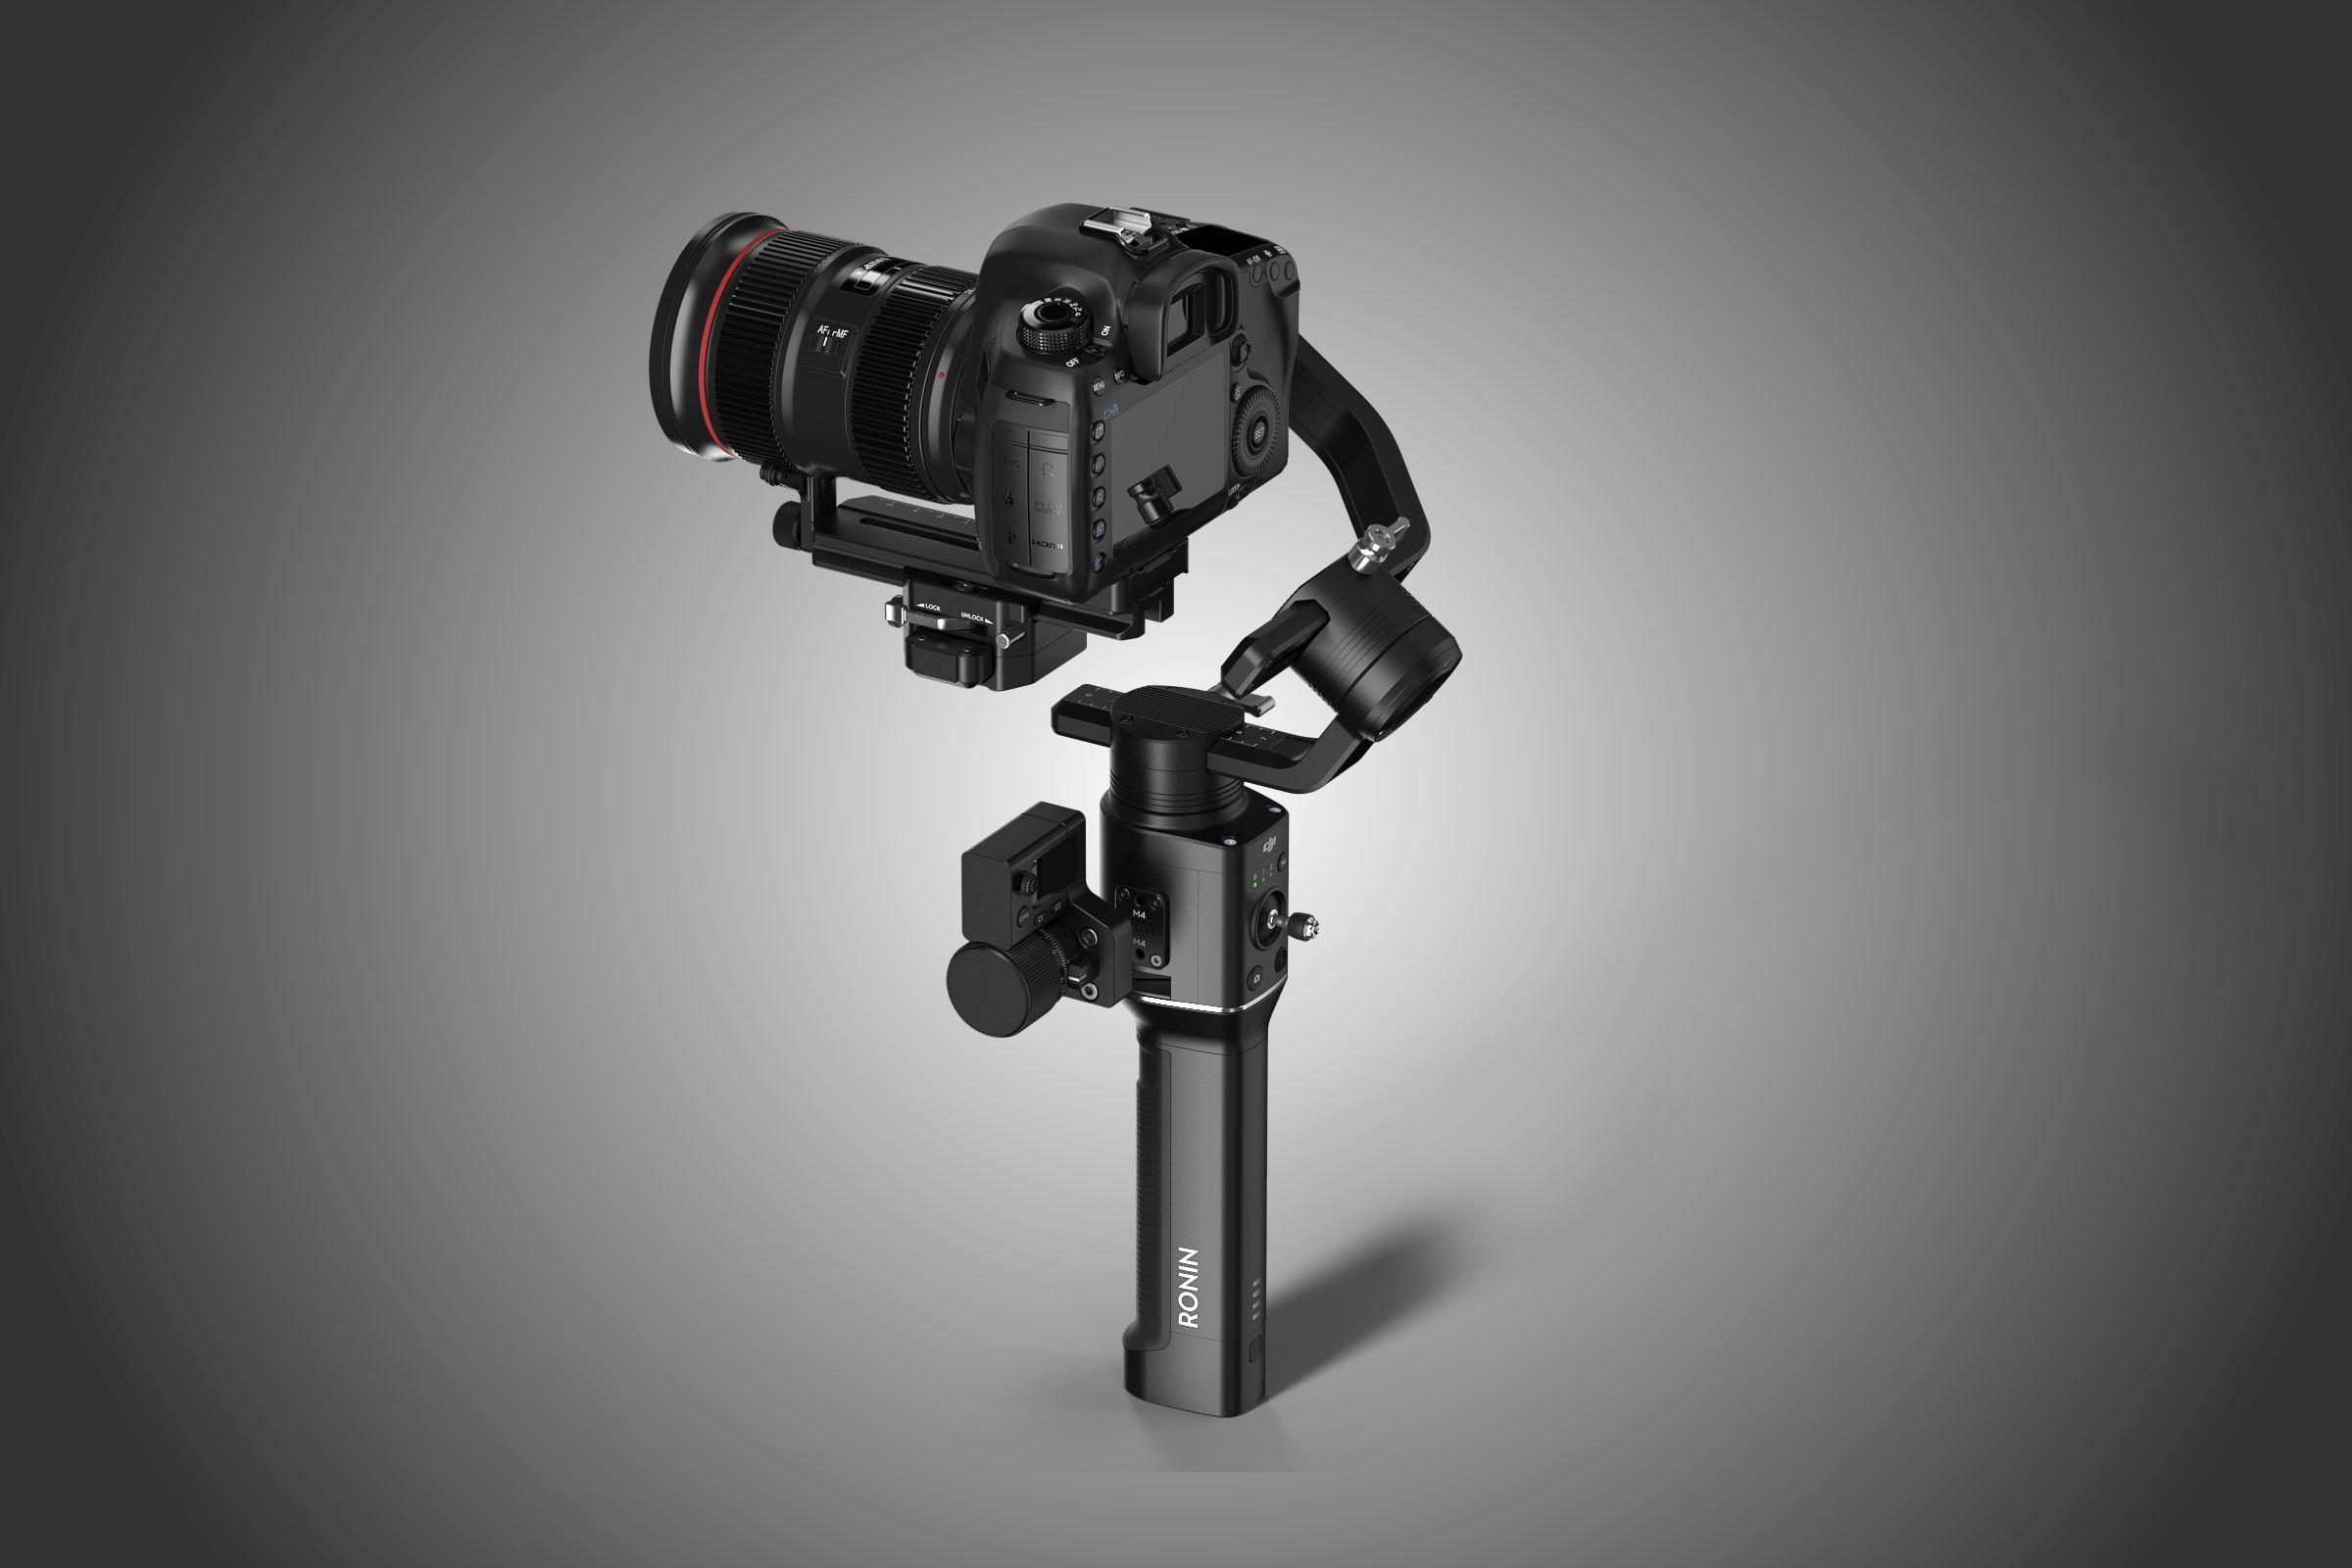 Jednoruční držák pro fotoaparáty od DJI